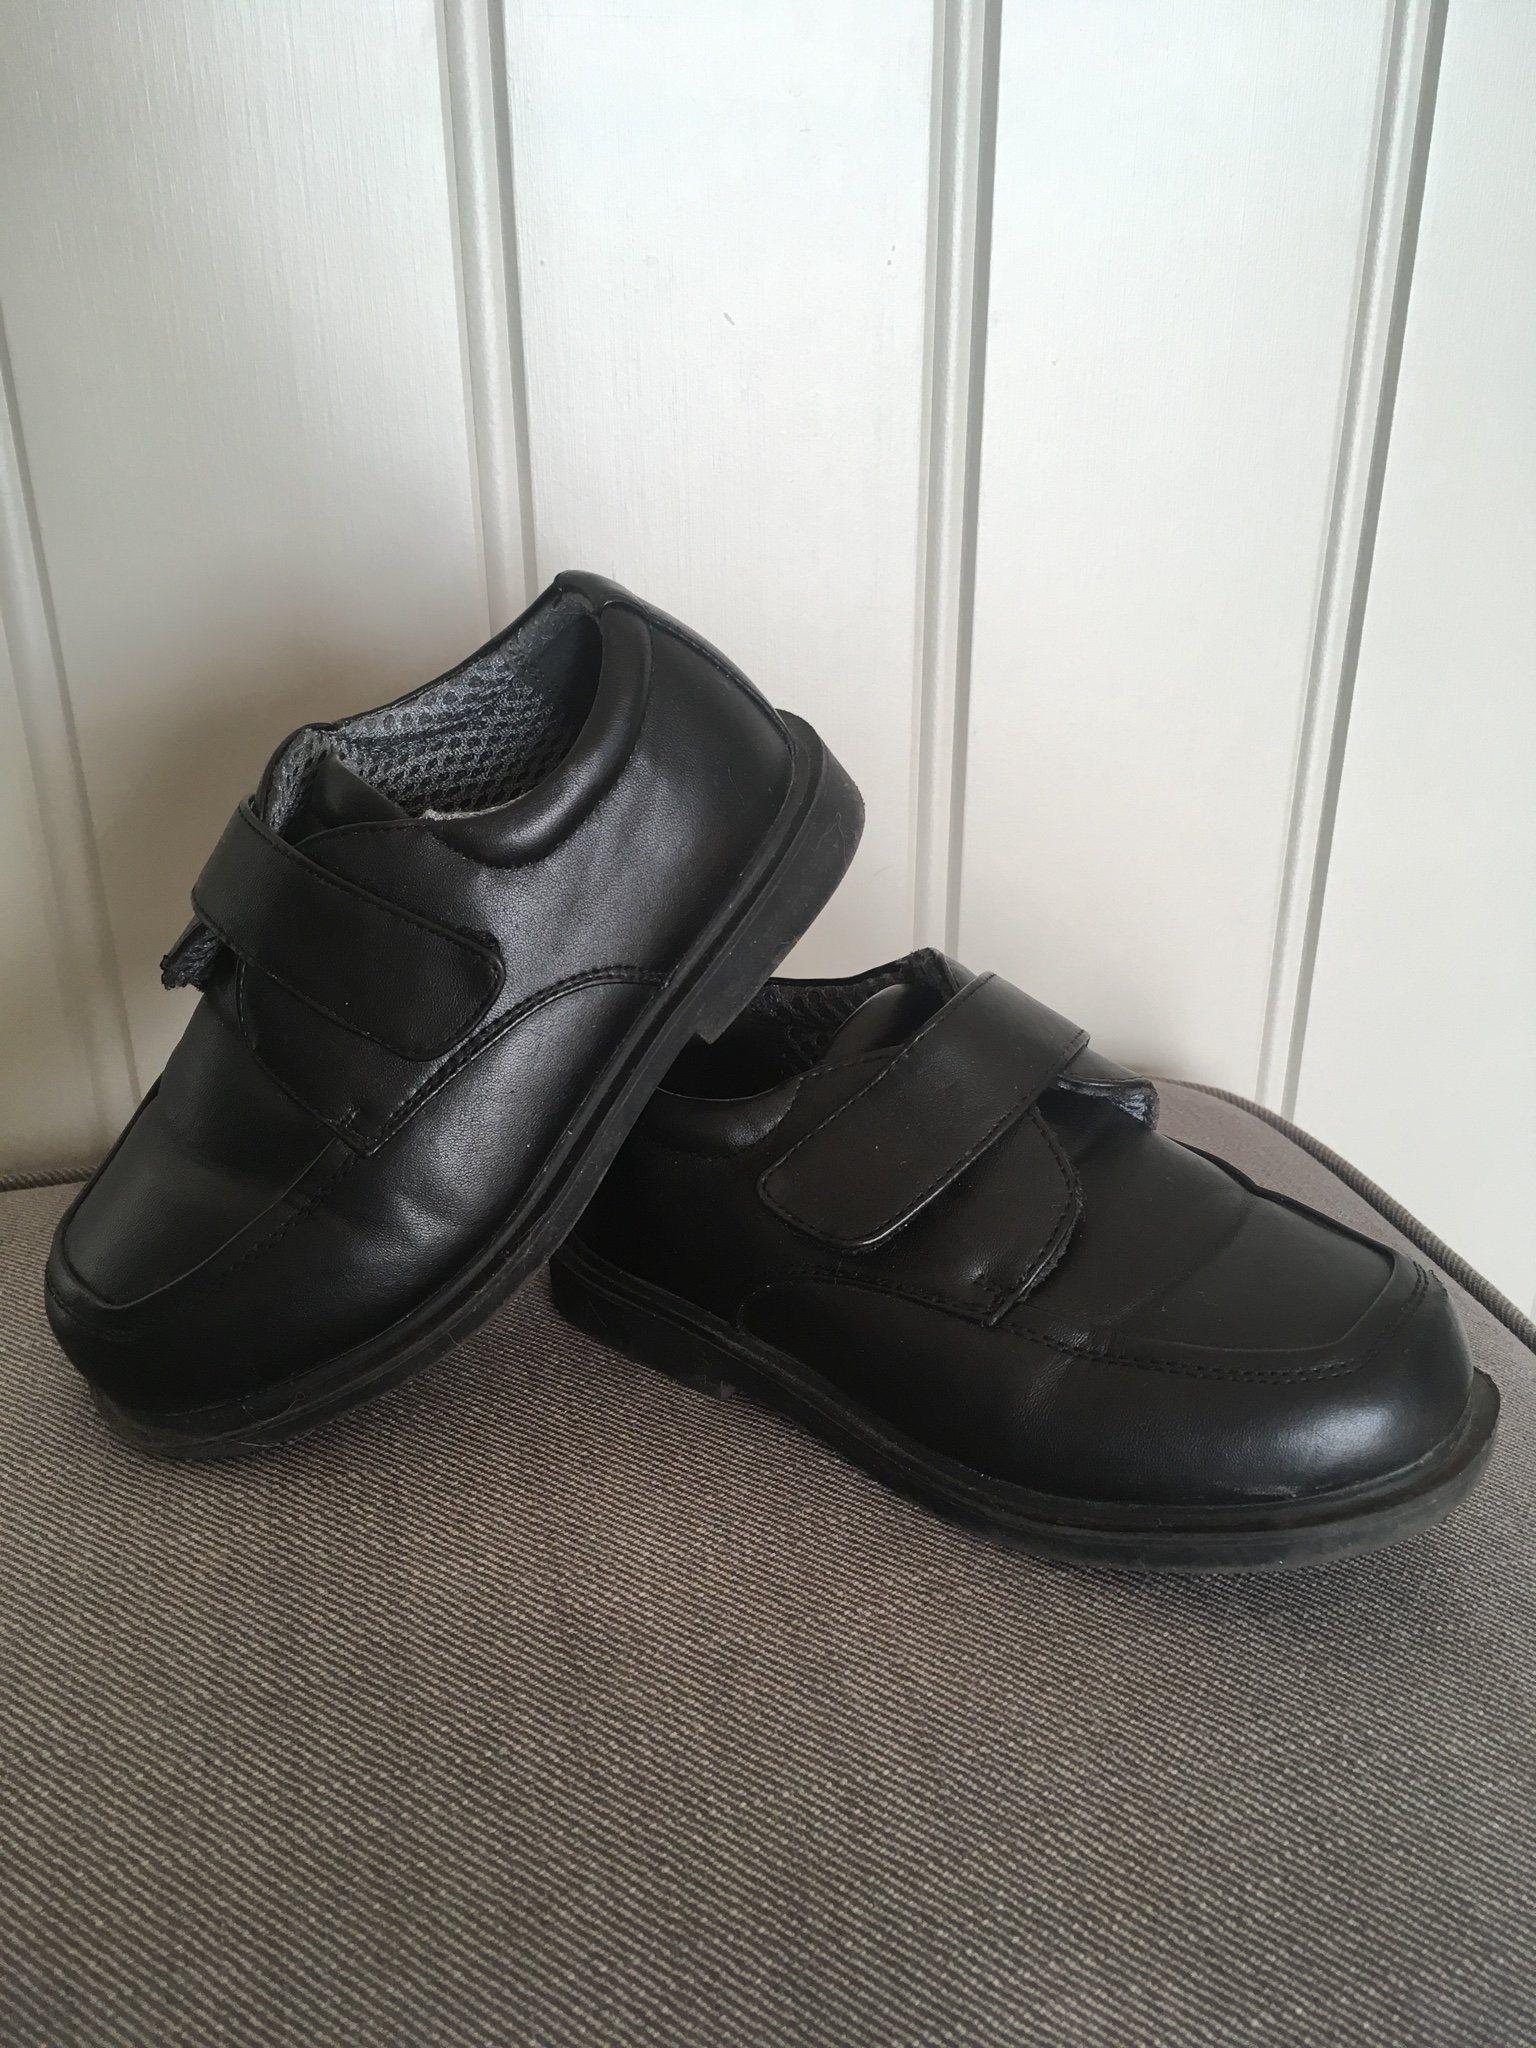 Fina svarta skor i str 31 (341403651) ᐈ Köp på Tradera ae579c5b4fd0d